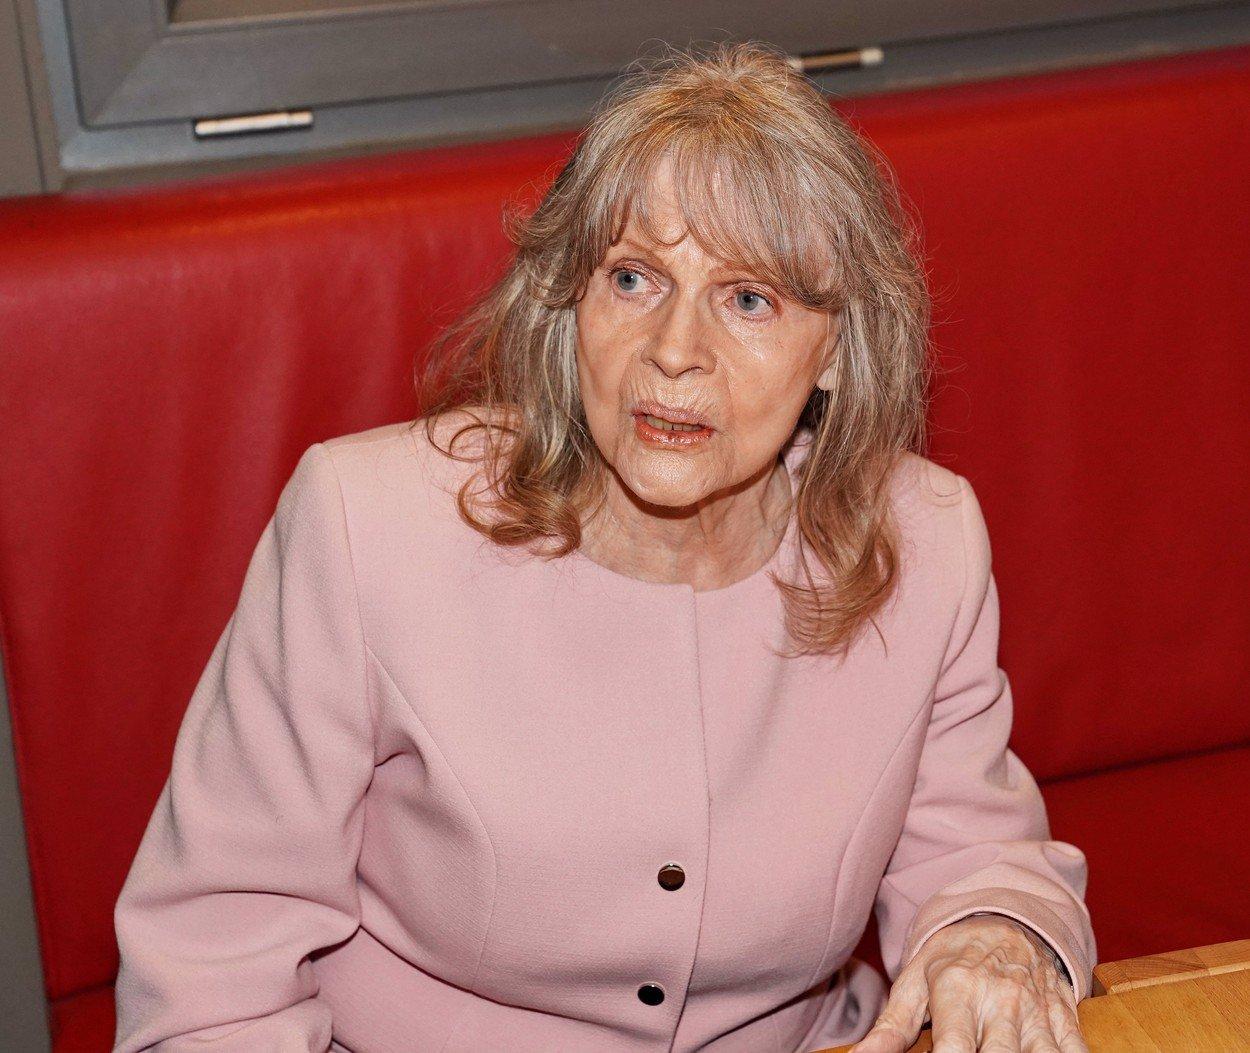 Dojemné vzpomínání na Evu Pilarovou: Po facce vzniklo důvěrné přátelství